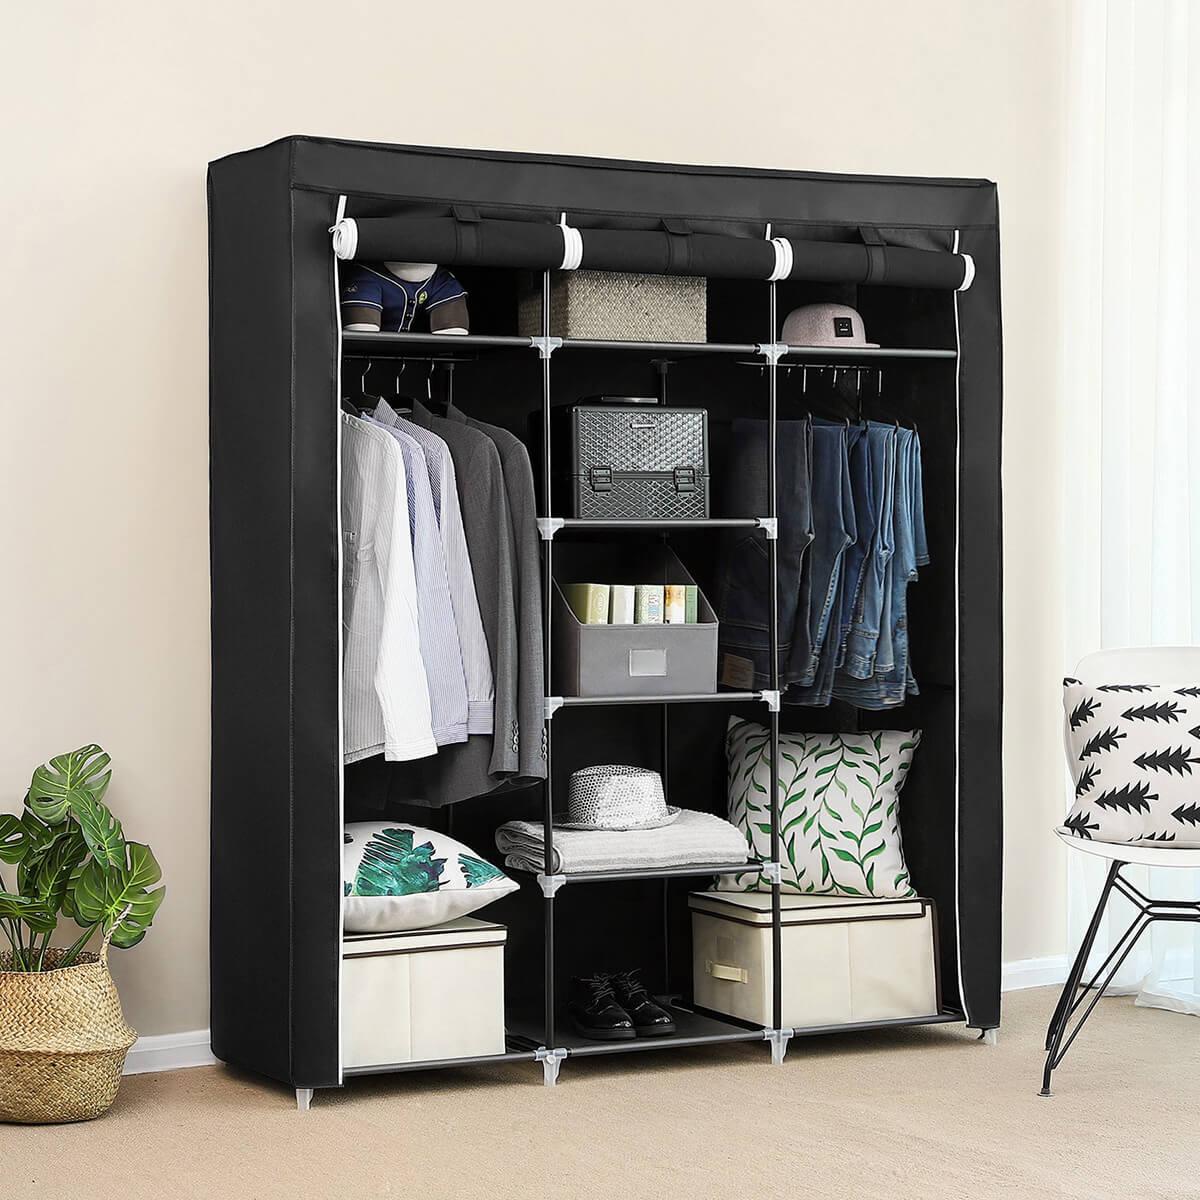 Способы организации пространства в вашем доме фото 4